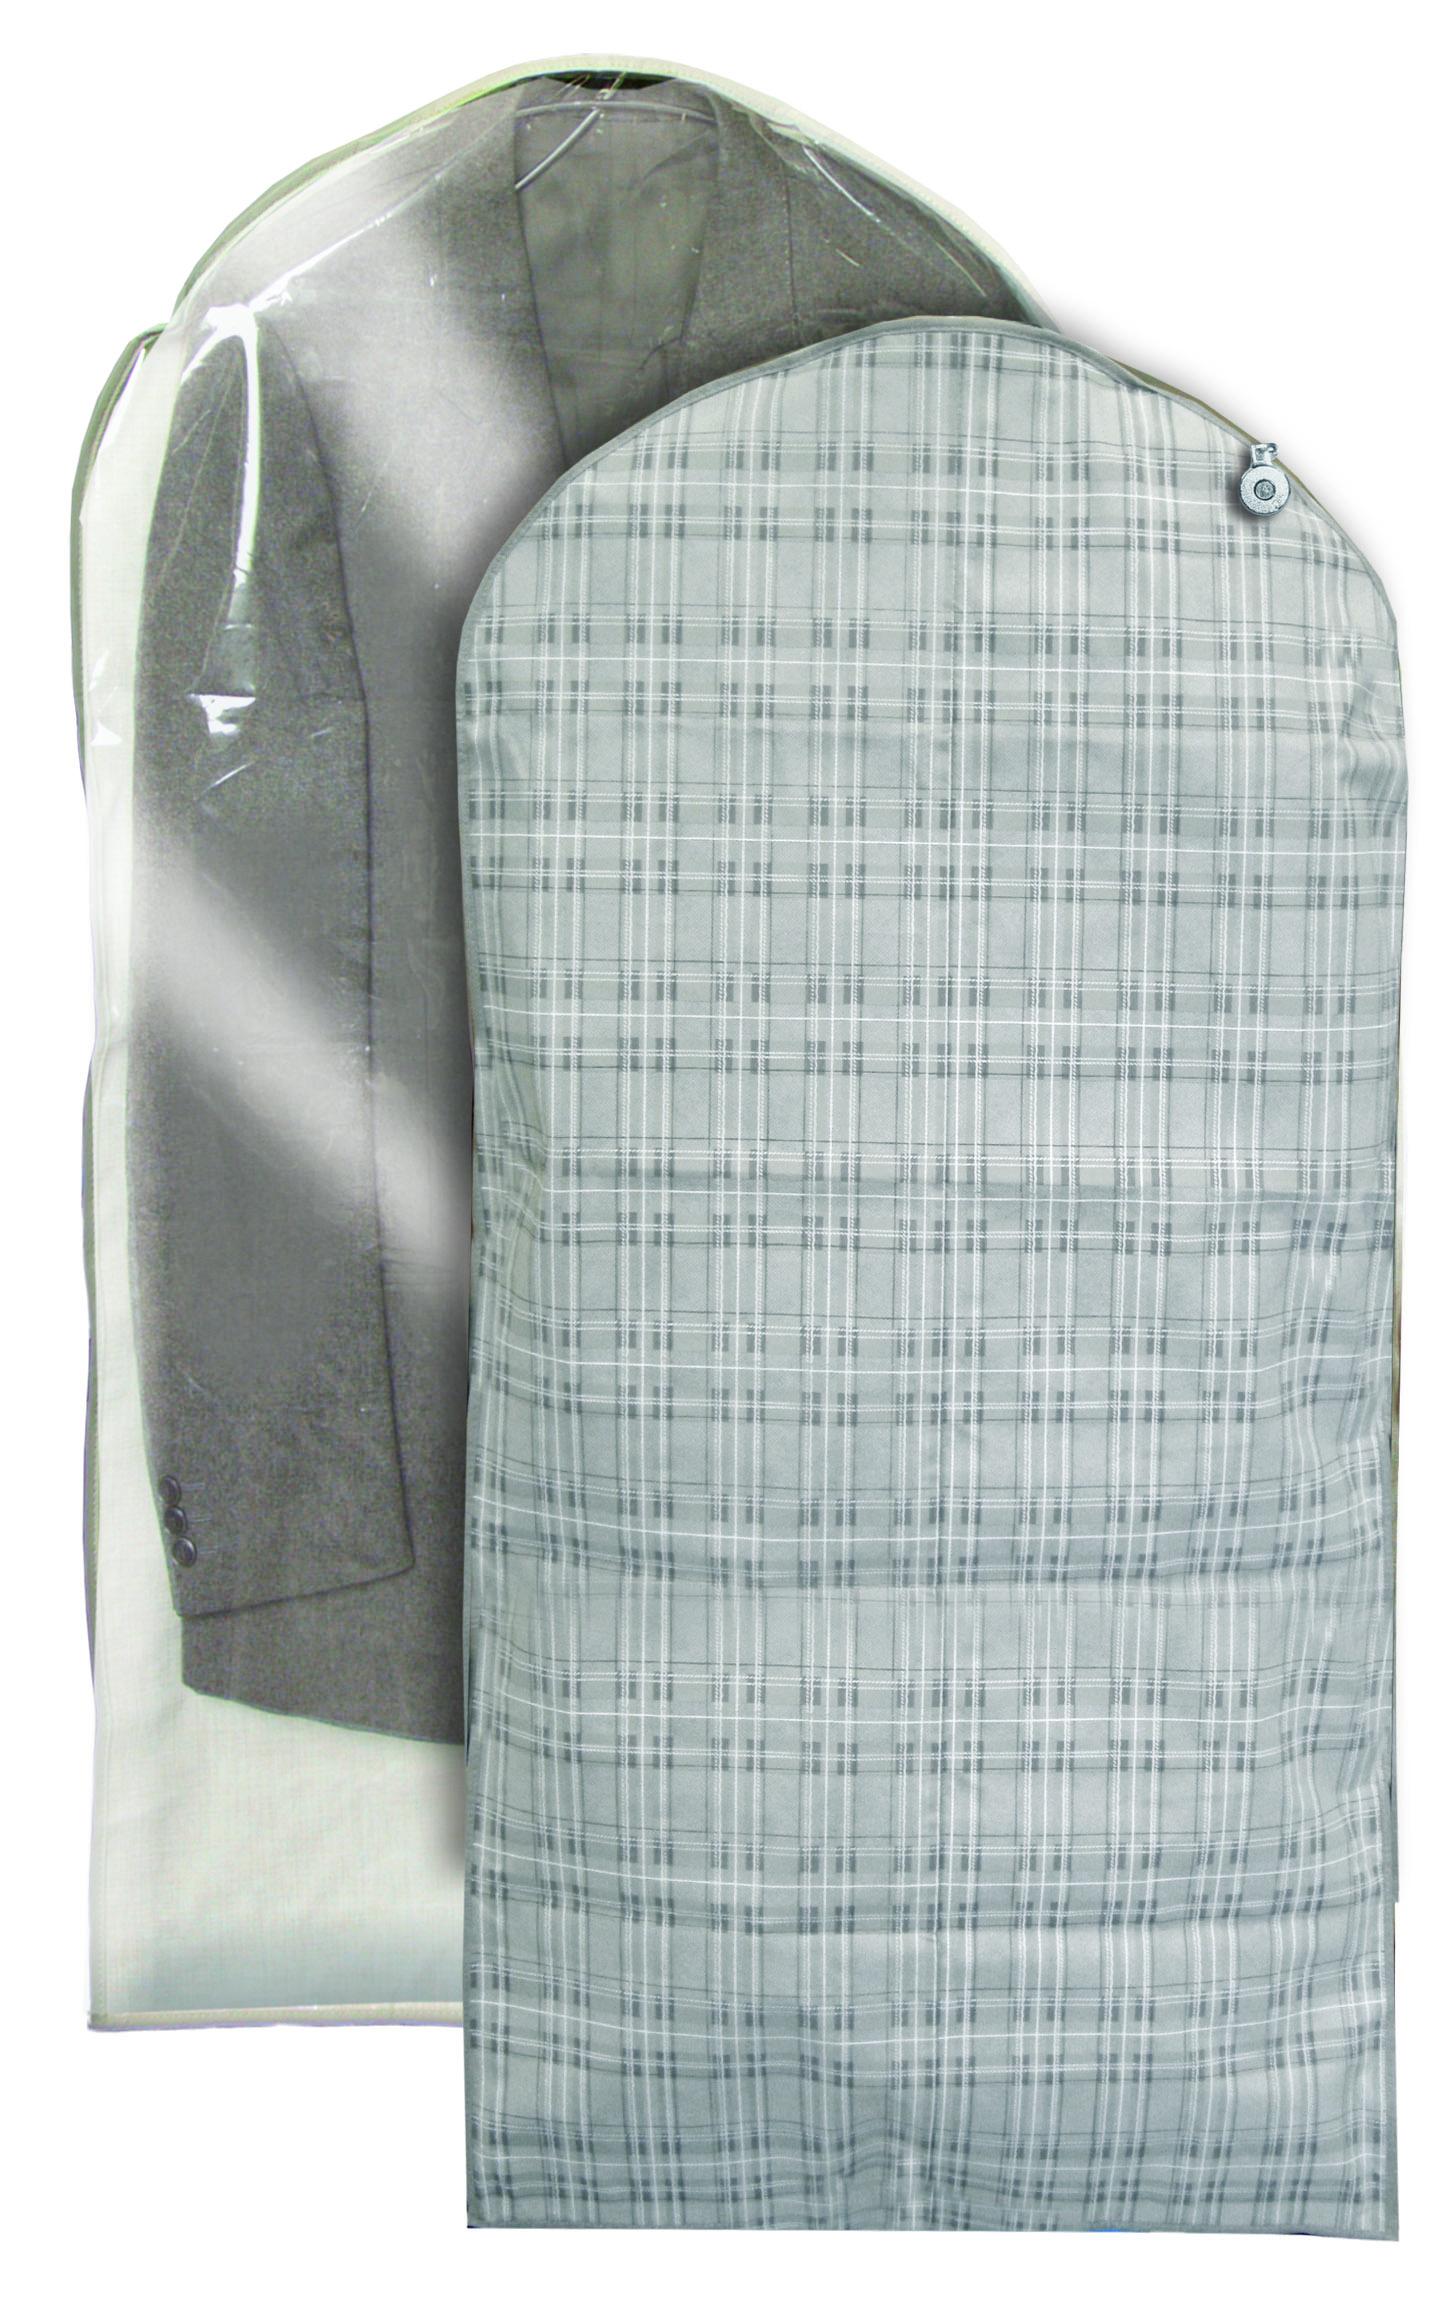 Σάκος Φύλαξης Παλτού-Φορέματος 60x135εκ. 68020 - ORDINETT - 68020